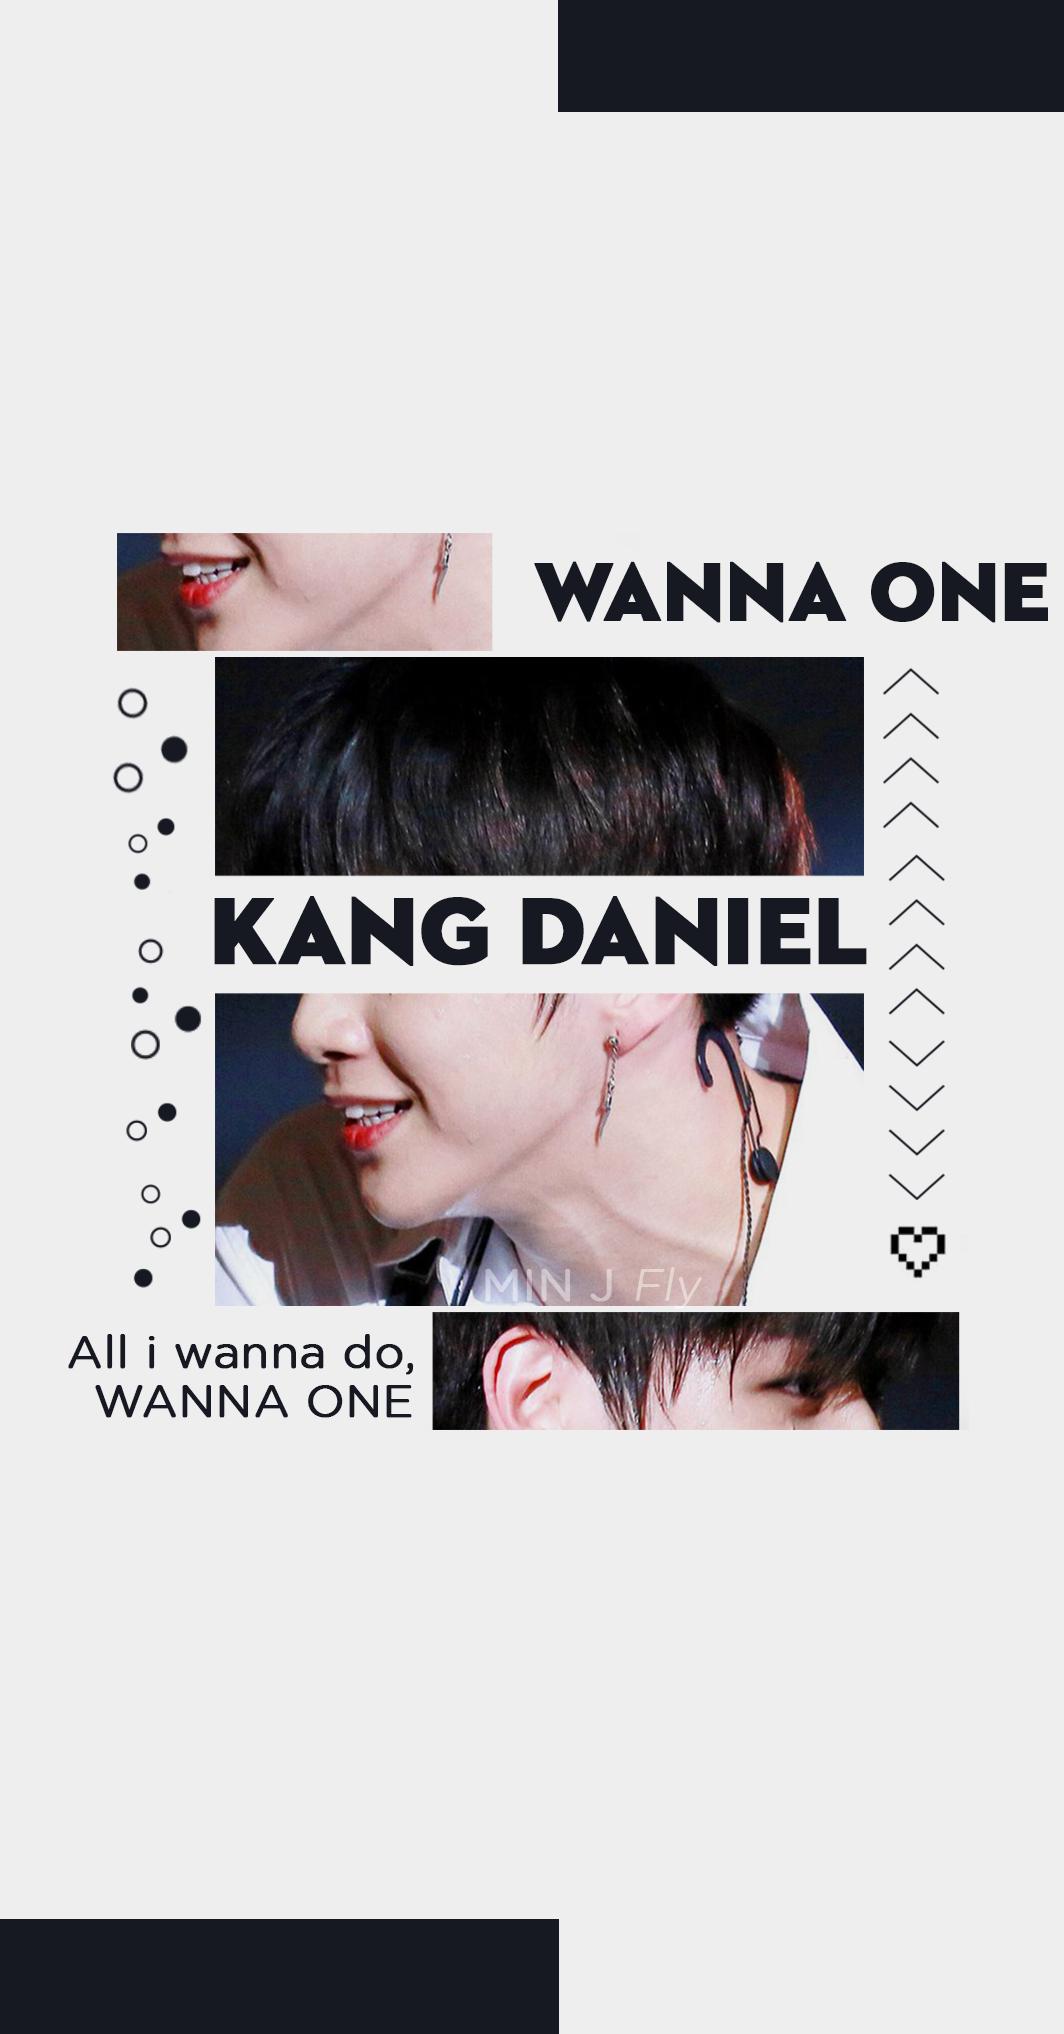 180609// KANG DANIEL - WANNA ONE